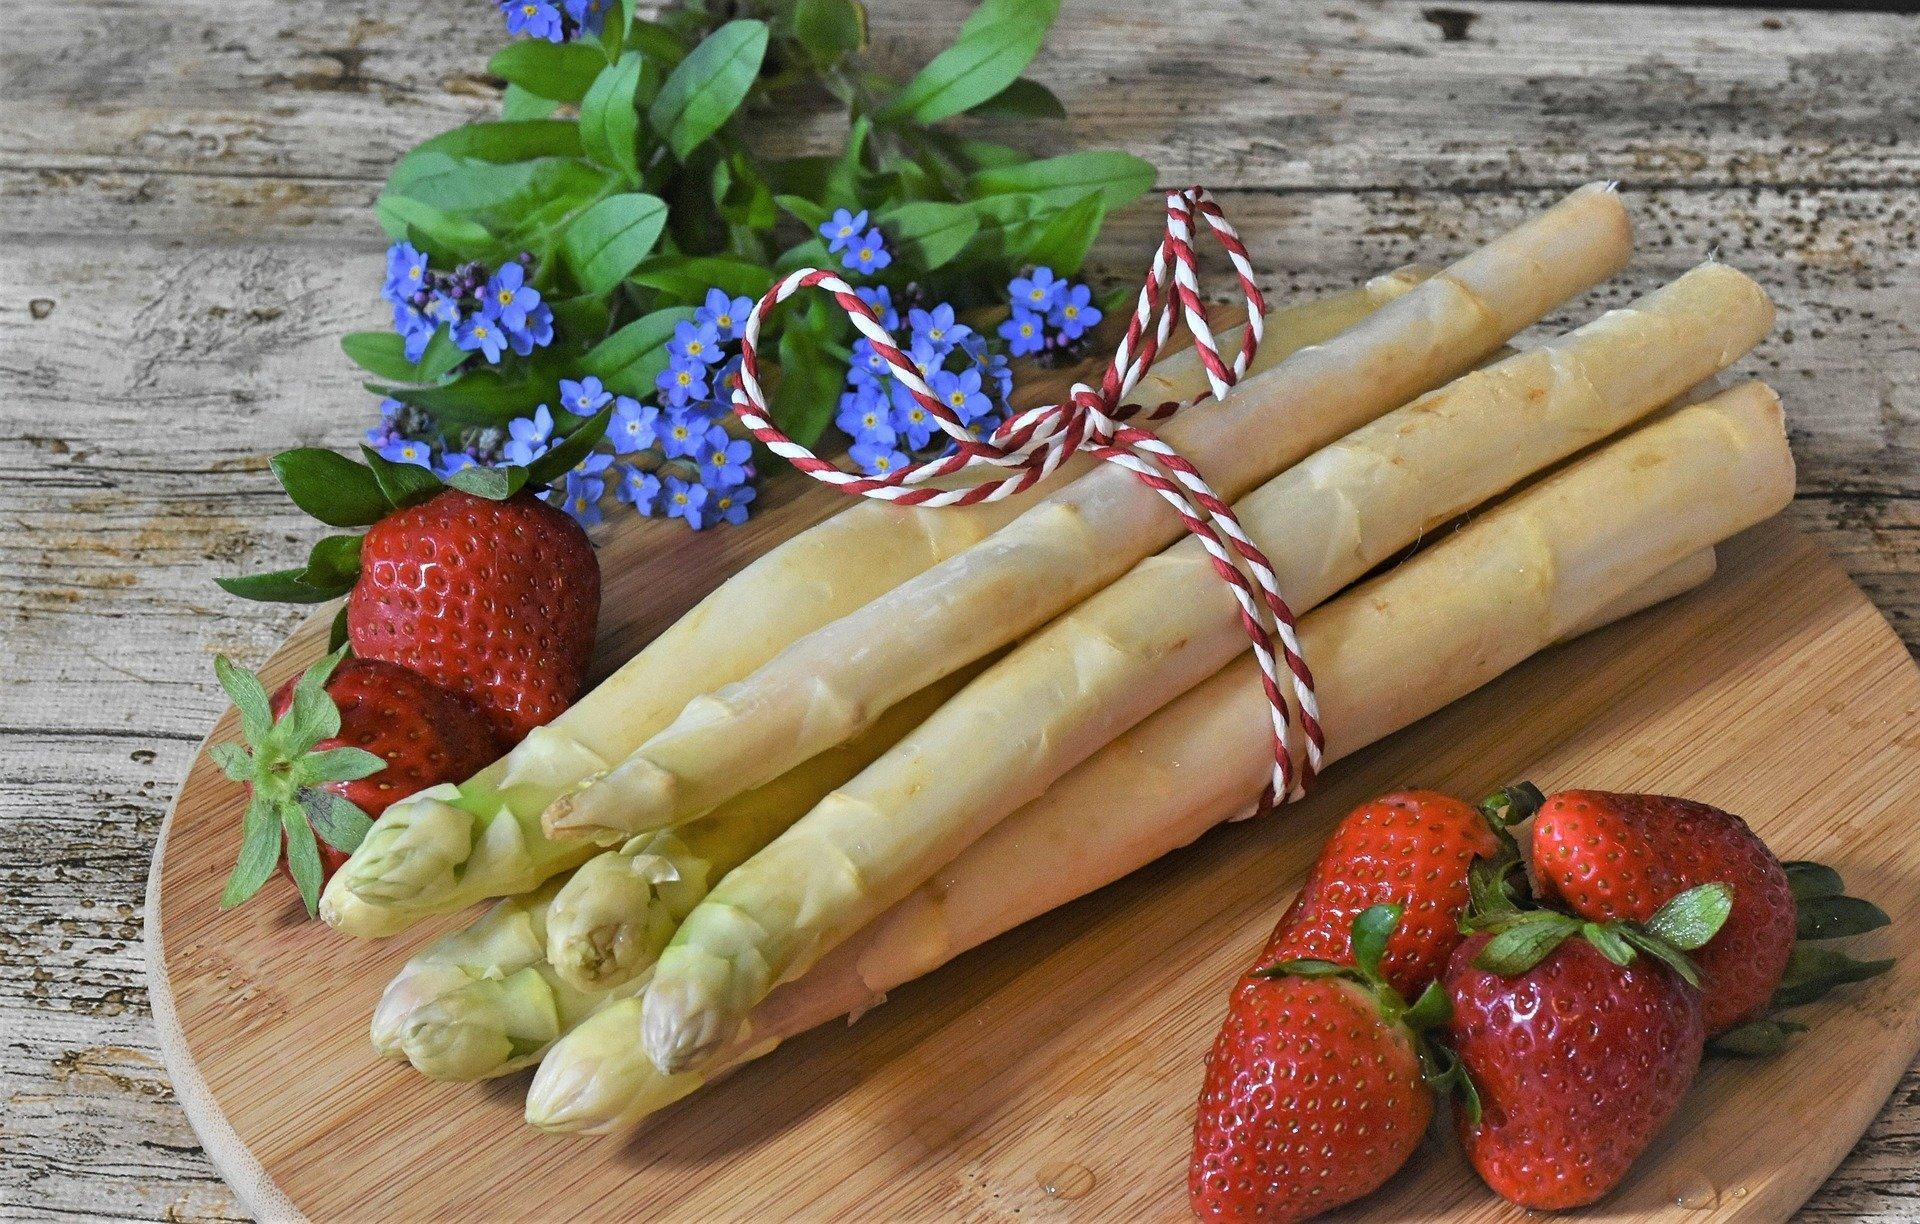 alimentazione sana dieta aiuto energia alimenti verdura macrobiotica dieta naturopatia corso on line D.A.S.P. scuola operatori olistici